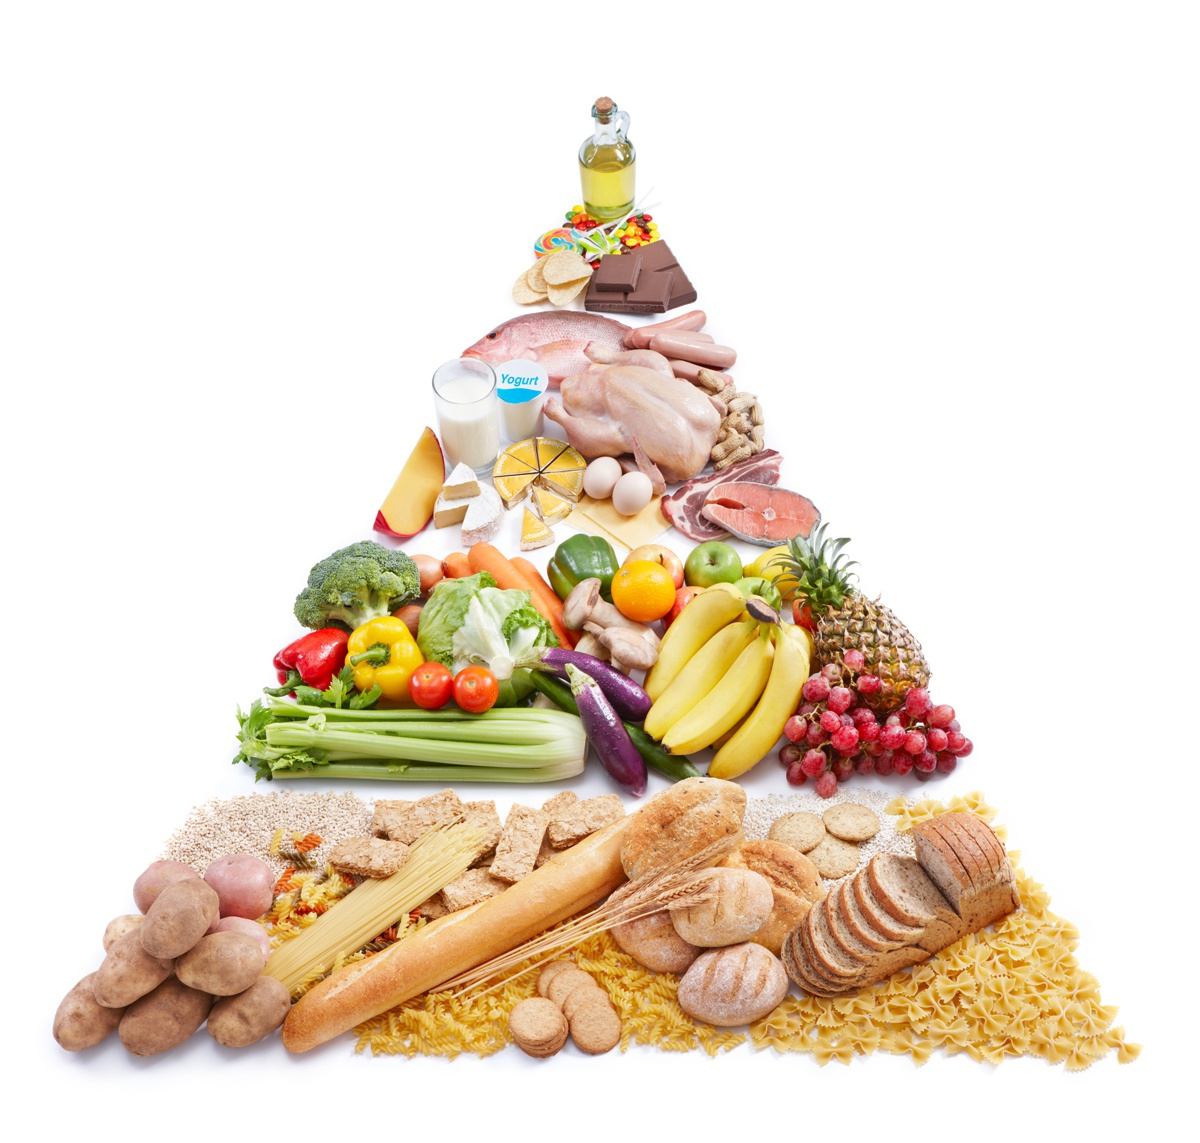 Chế độ dinh dưỡng khoa học bao gồm 4 nhóm chính. Ảnh: Shutter Stock.